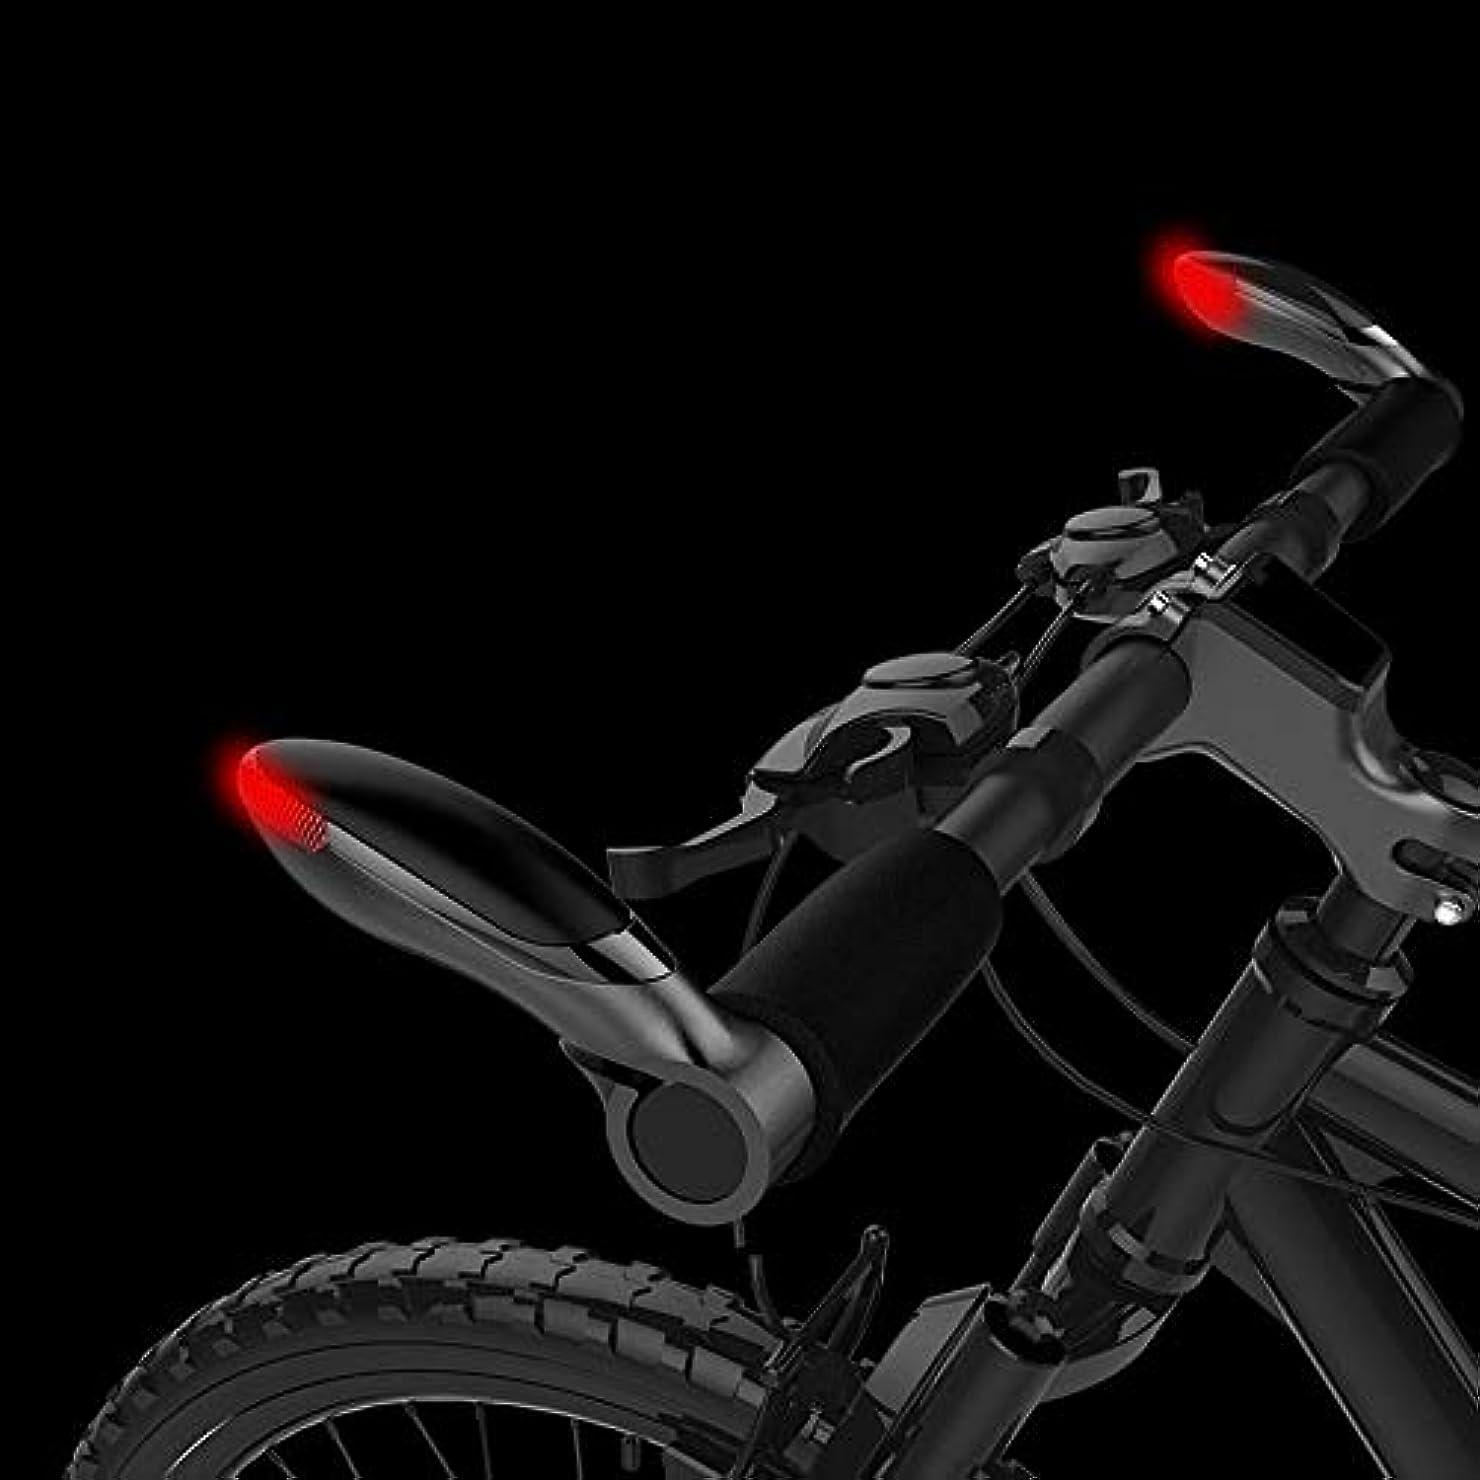 積極的に導出ヒューマニスティック自転車ステアリングハンドルバーライトLED防水ホッチキスデフォット警報ライト警告マウンテンバイク自転車アクセサリー